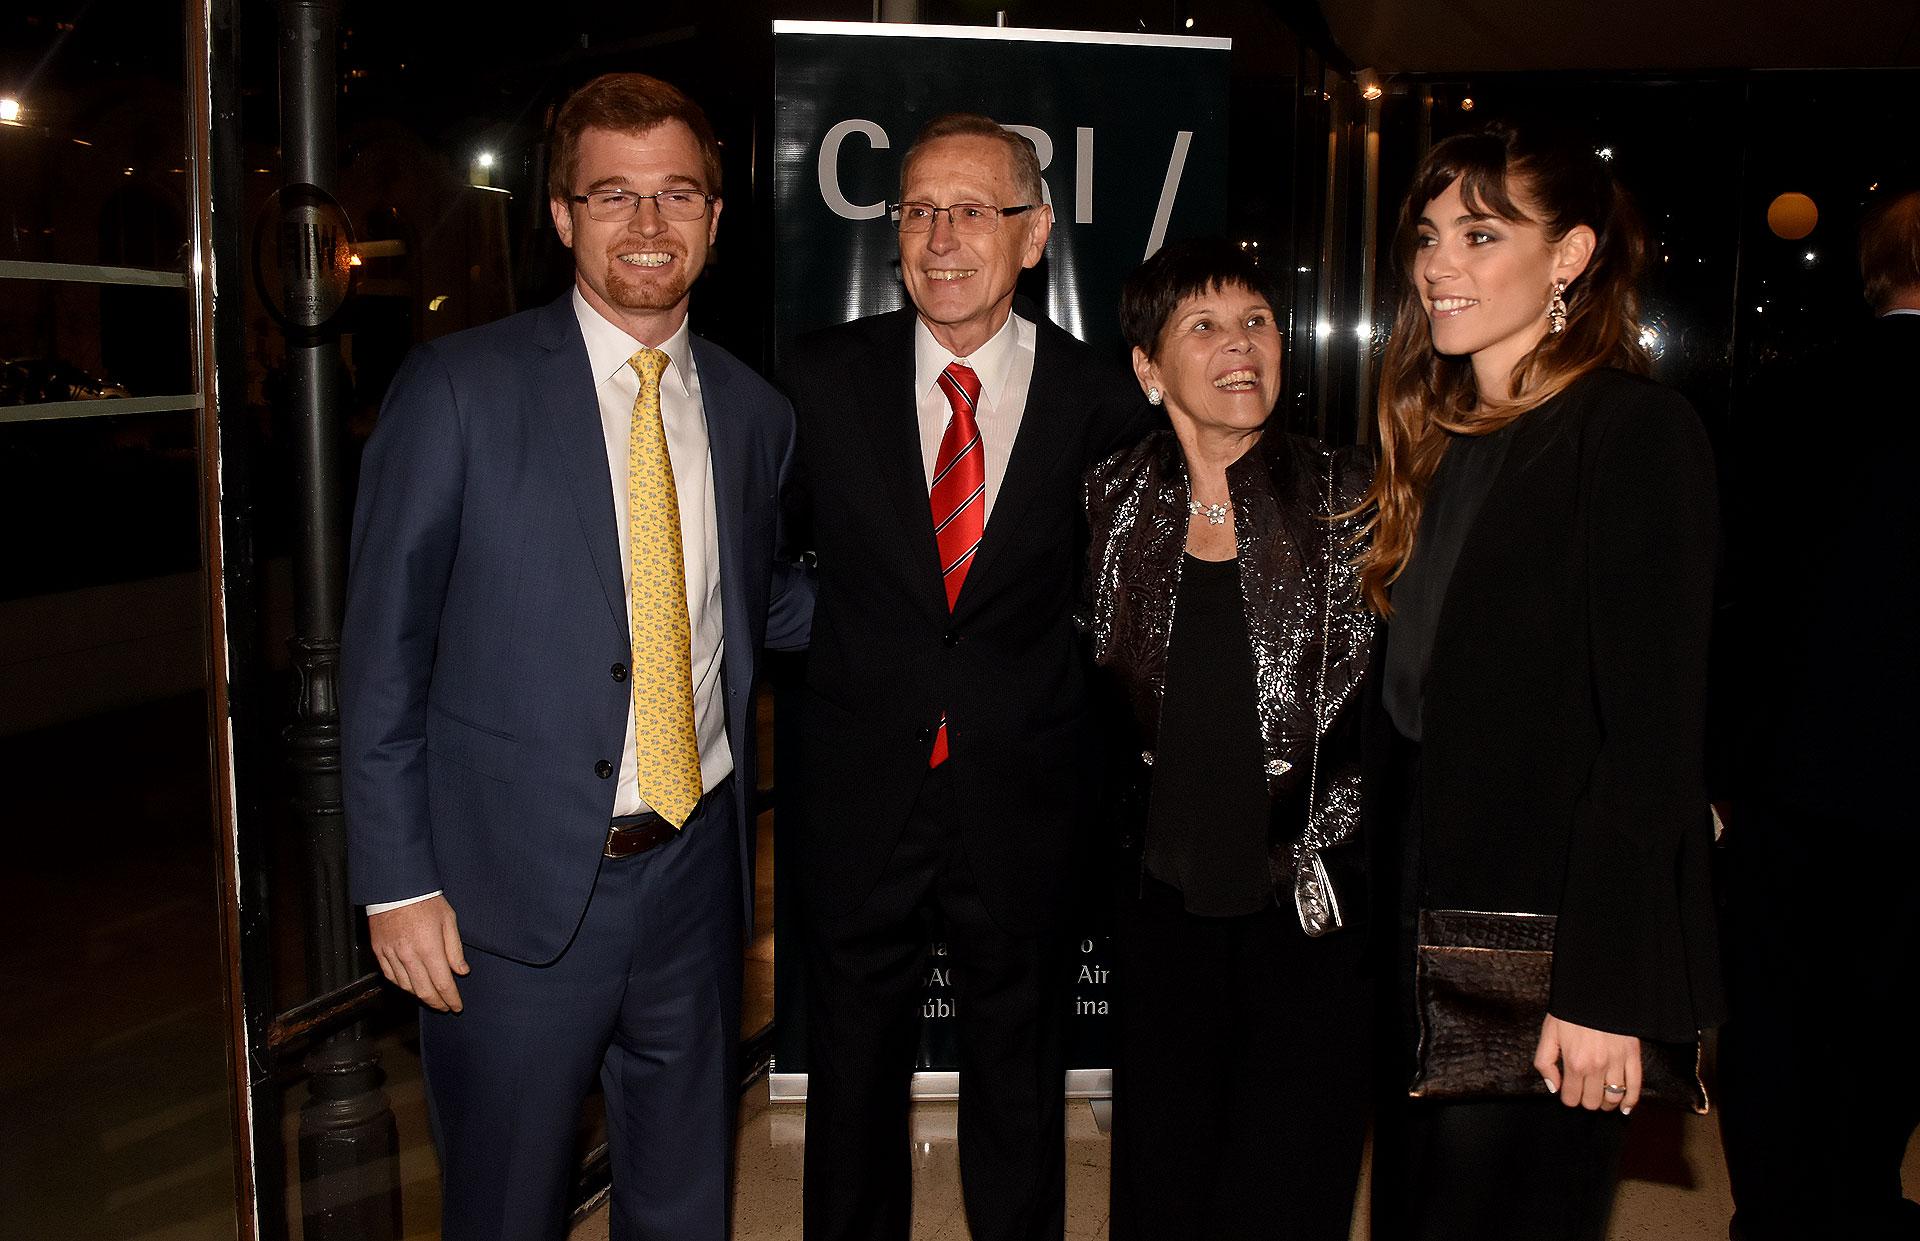 Nicolás Massot, presidente del Bloque PRO, junto a su mujer, Adalberto Rodríguez Giavarini y Susana Pestana